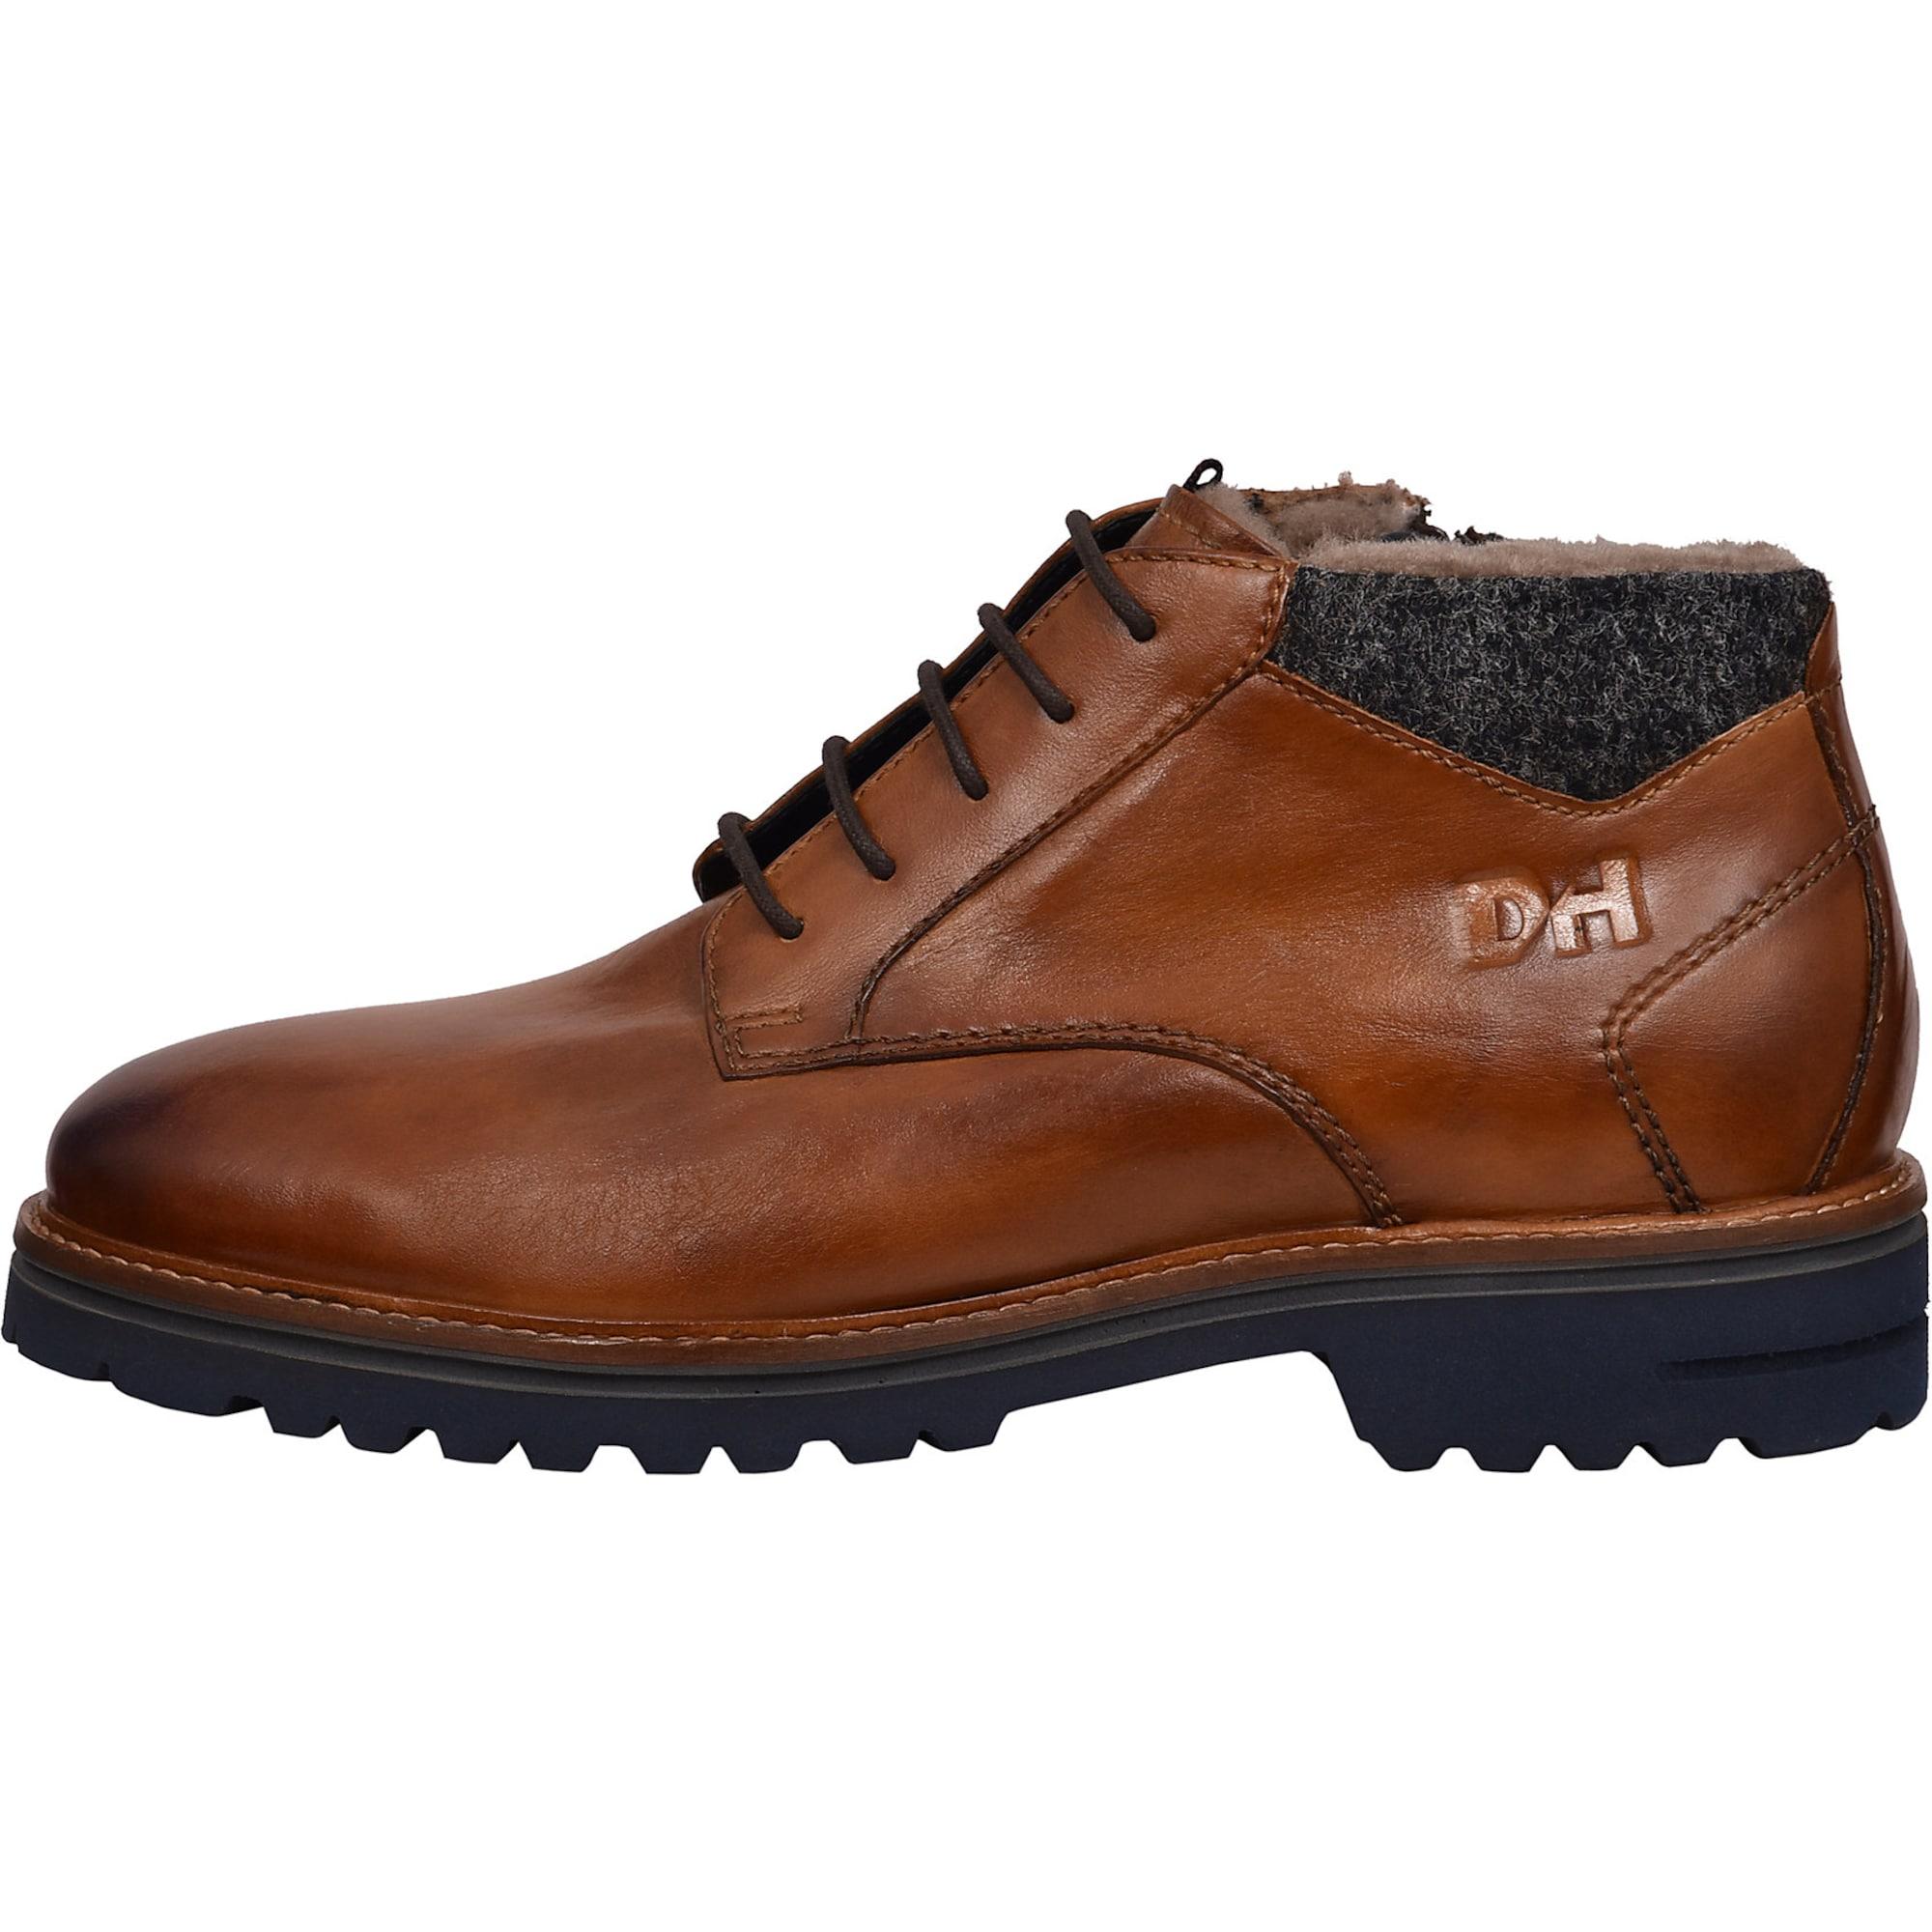 Winterstiefel   Schuhe > Boots > Winterstiefel   Daniel Hechter